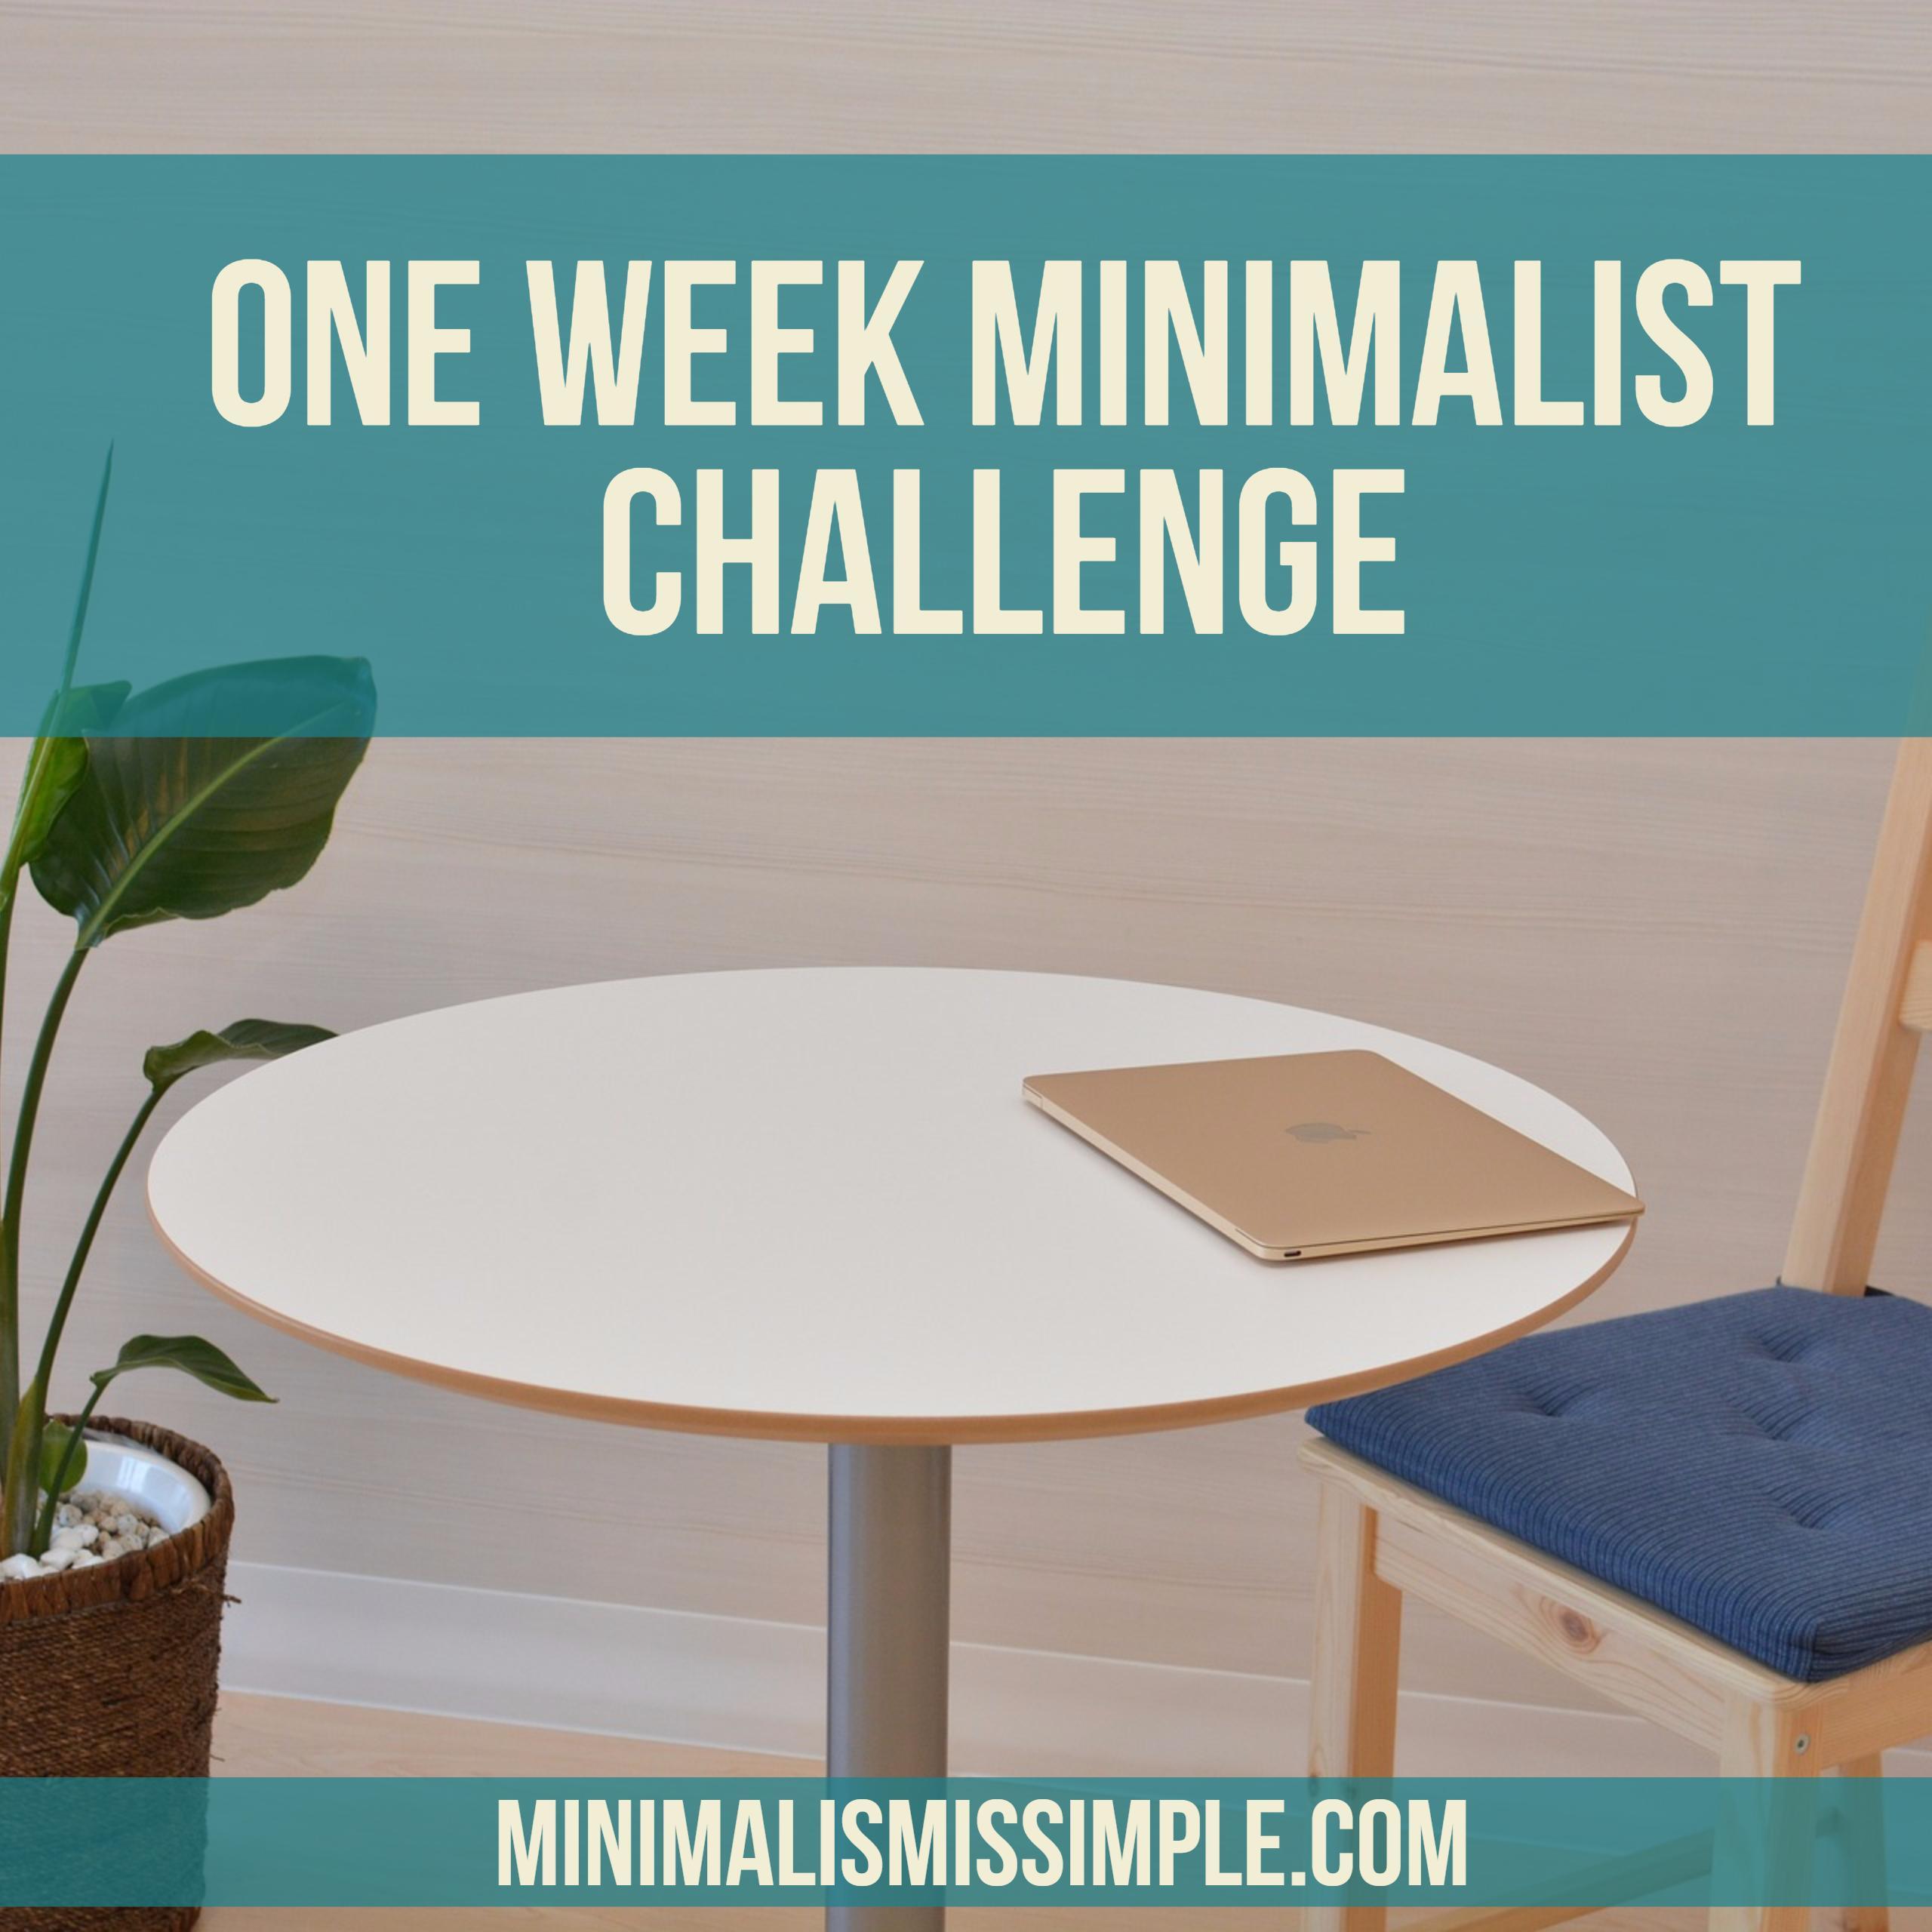 one week minimalist challenge minimalismissimple